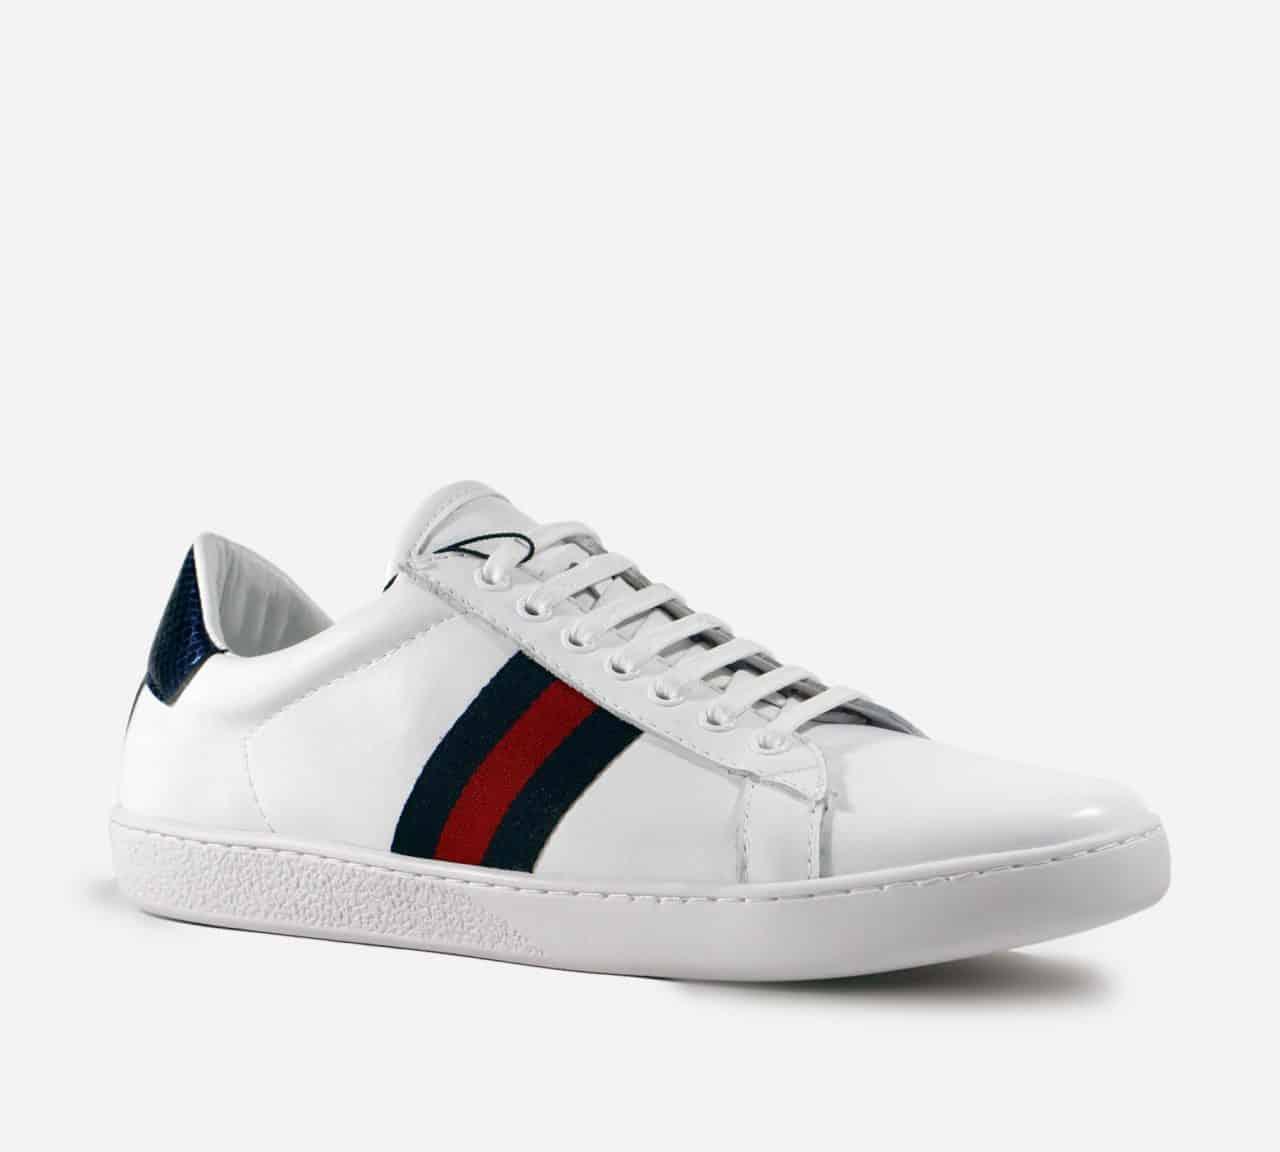 Giày Gucci Ace Trắng là phiên bản đầu tiên với phong cách tối giản, sang trọng